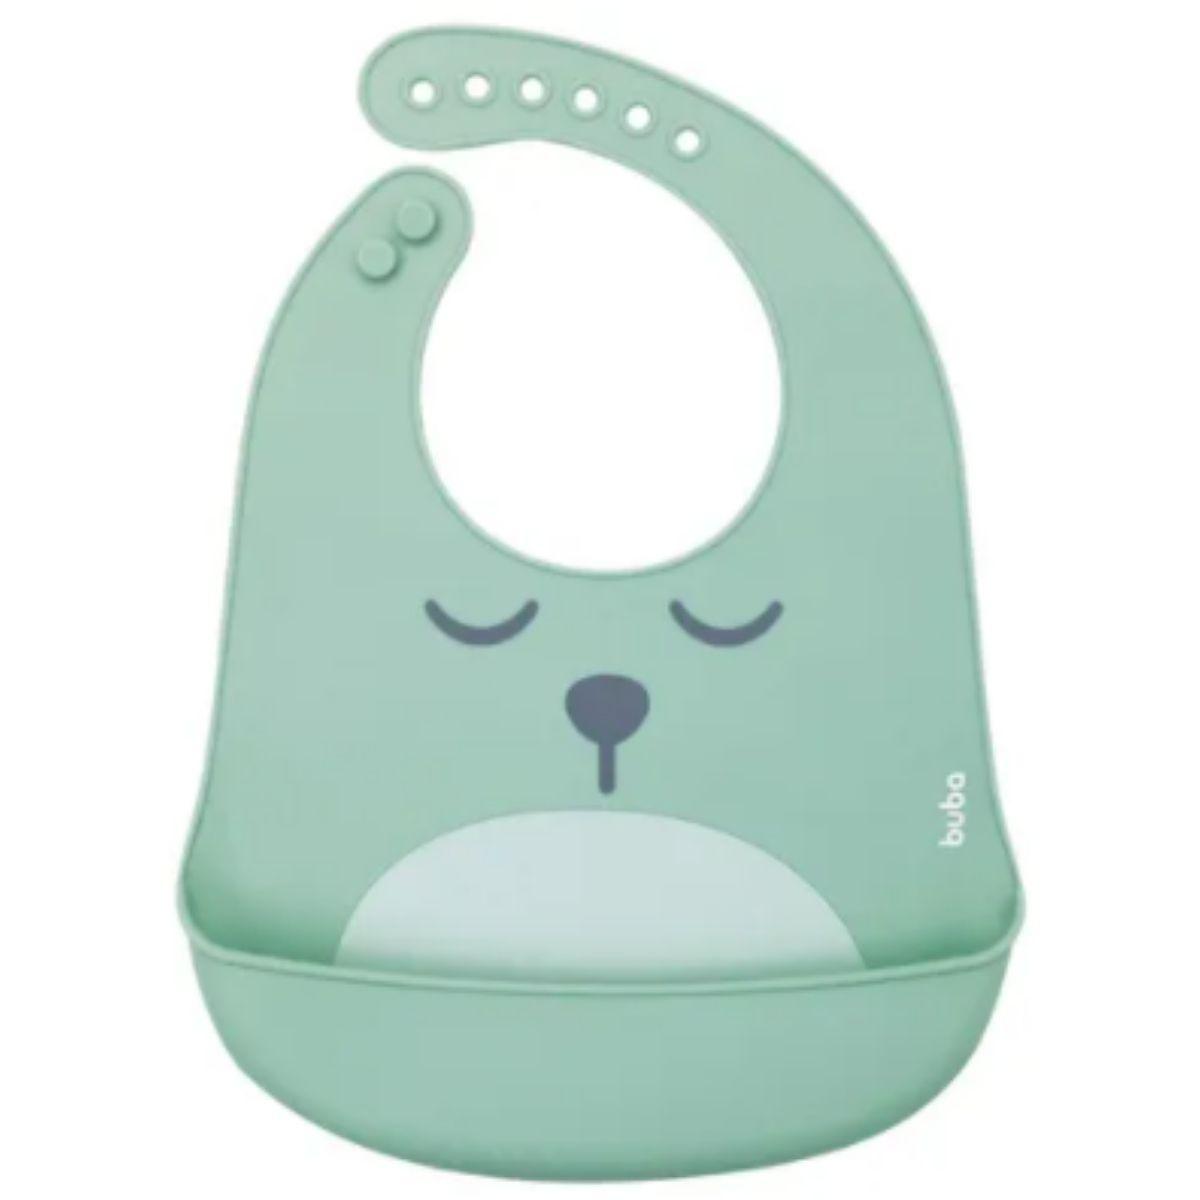 Babador De Silicone Bebê Impermeável Blw Migalhas Gumy Verde